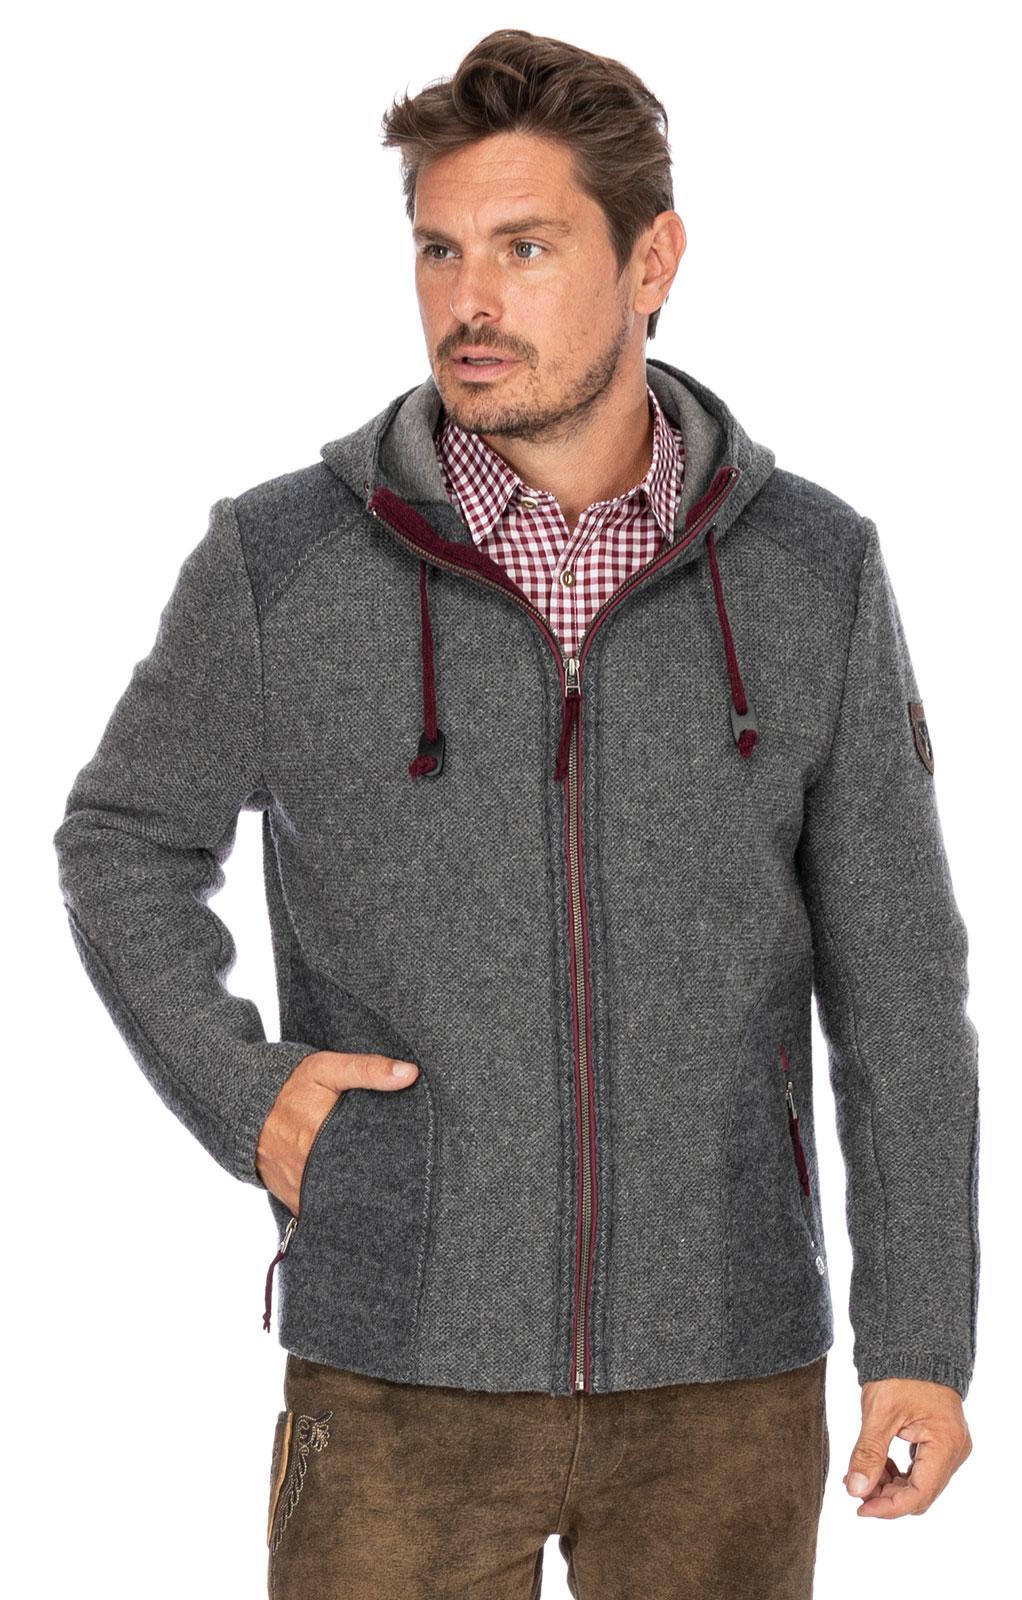 German traditional jacket MARBURG medium gray von Spieth & Wensky